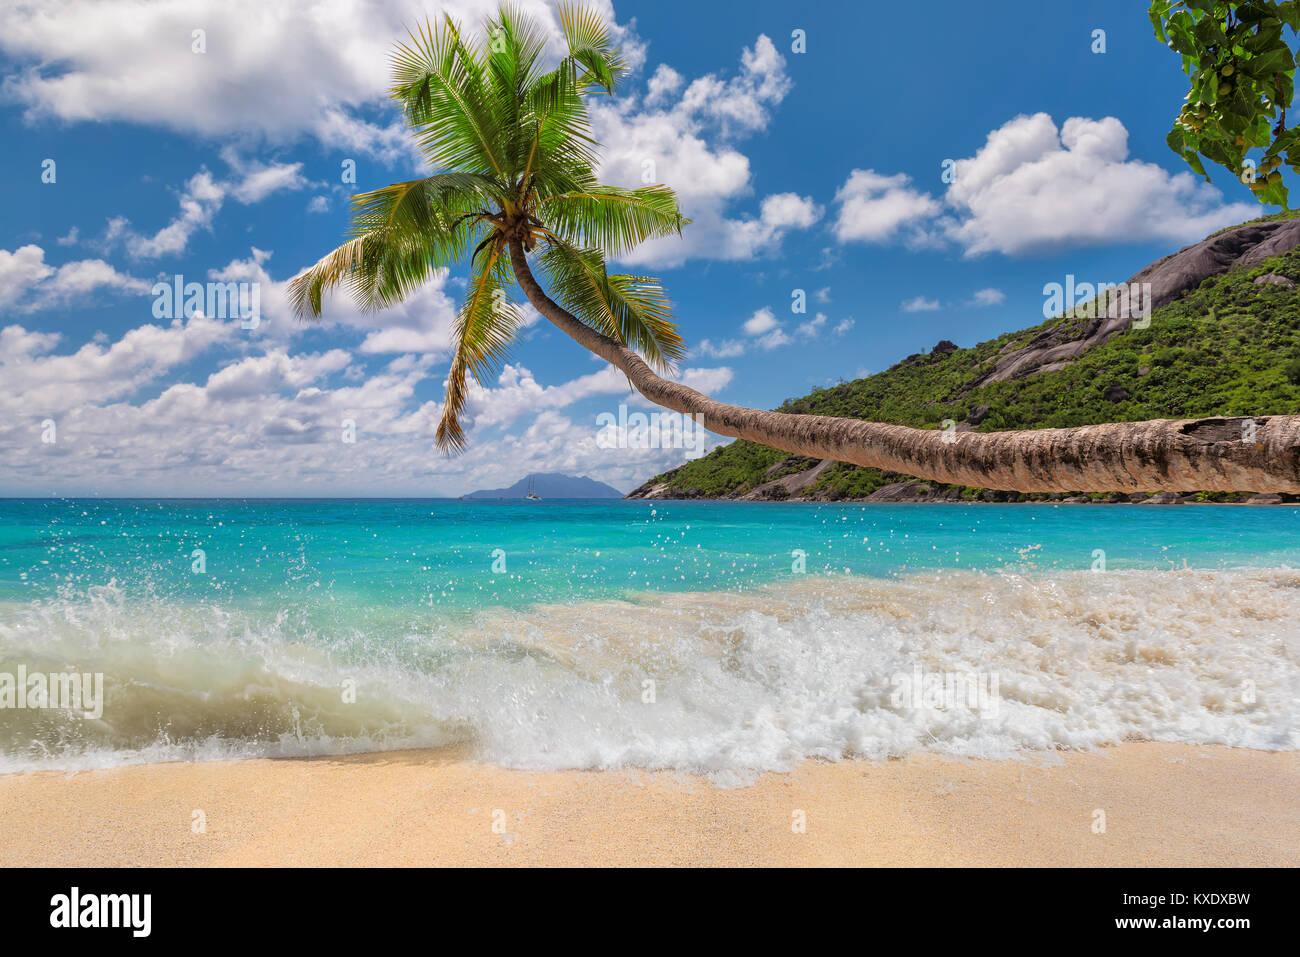 Palmier sur la plage tropicale aux Seychelles, l'île de Mahé. Photo Stock